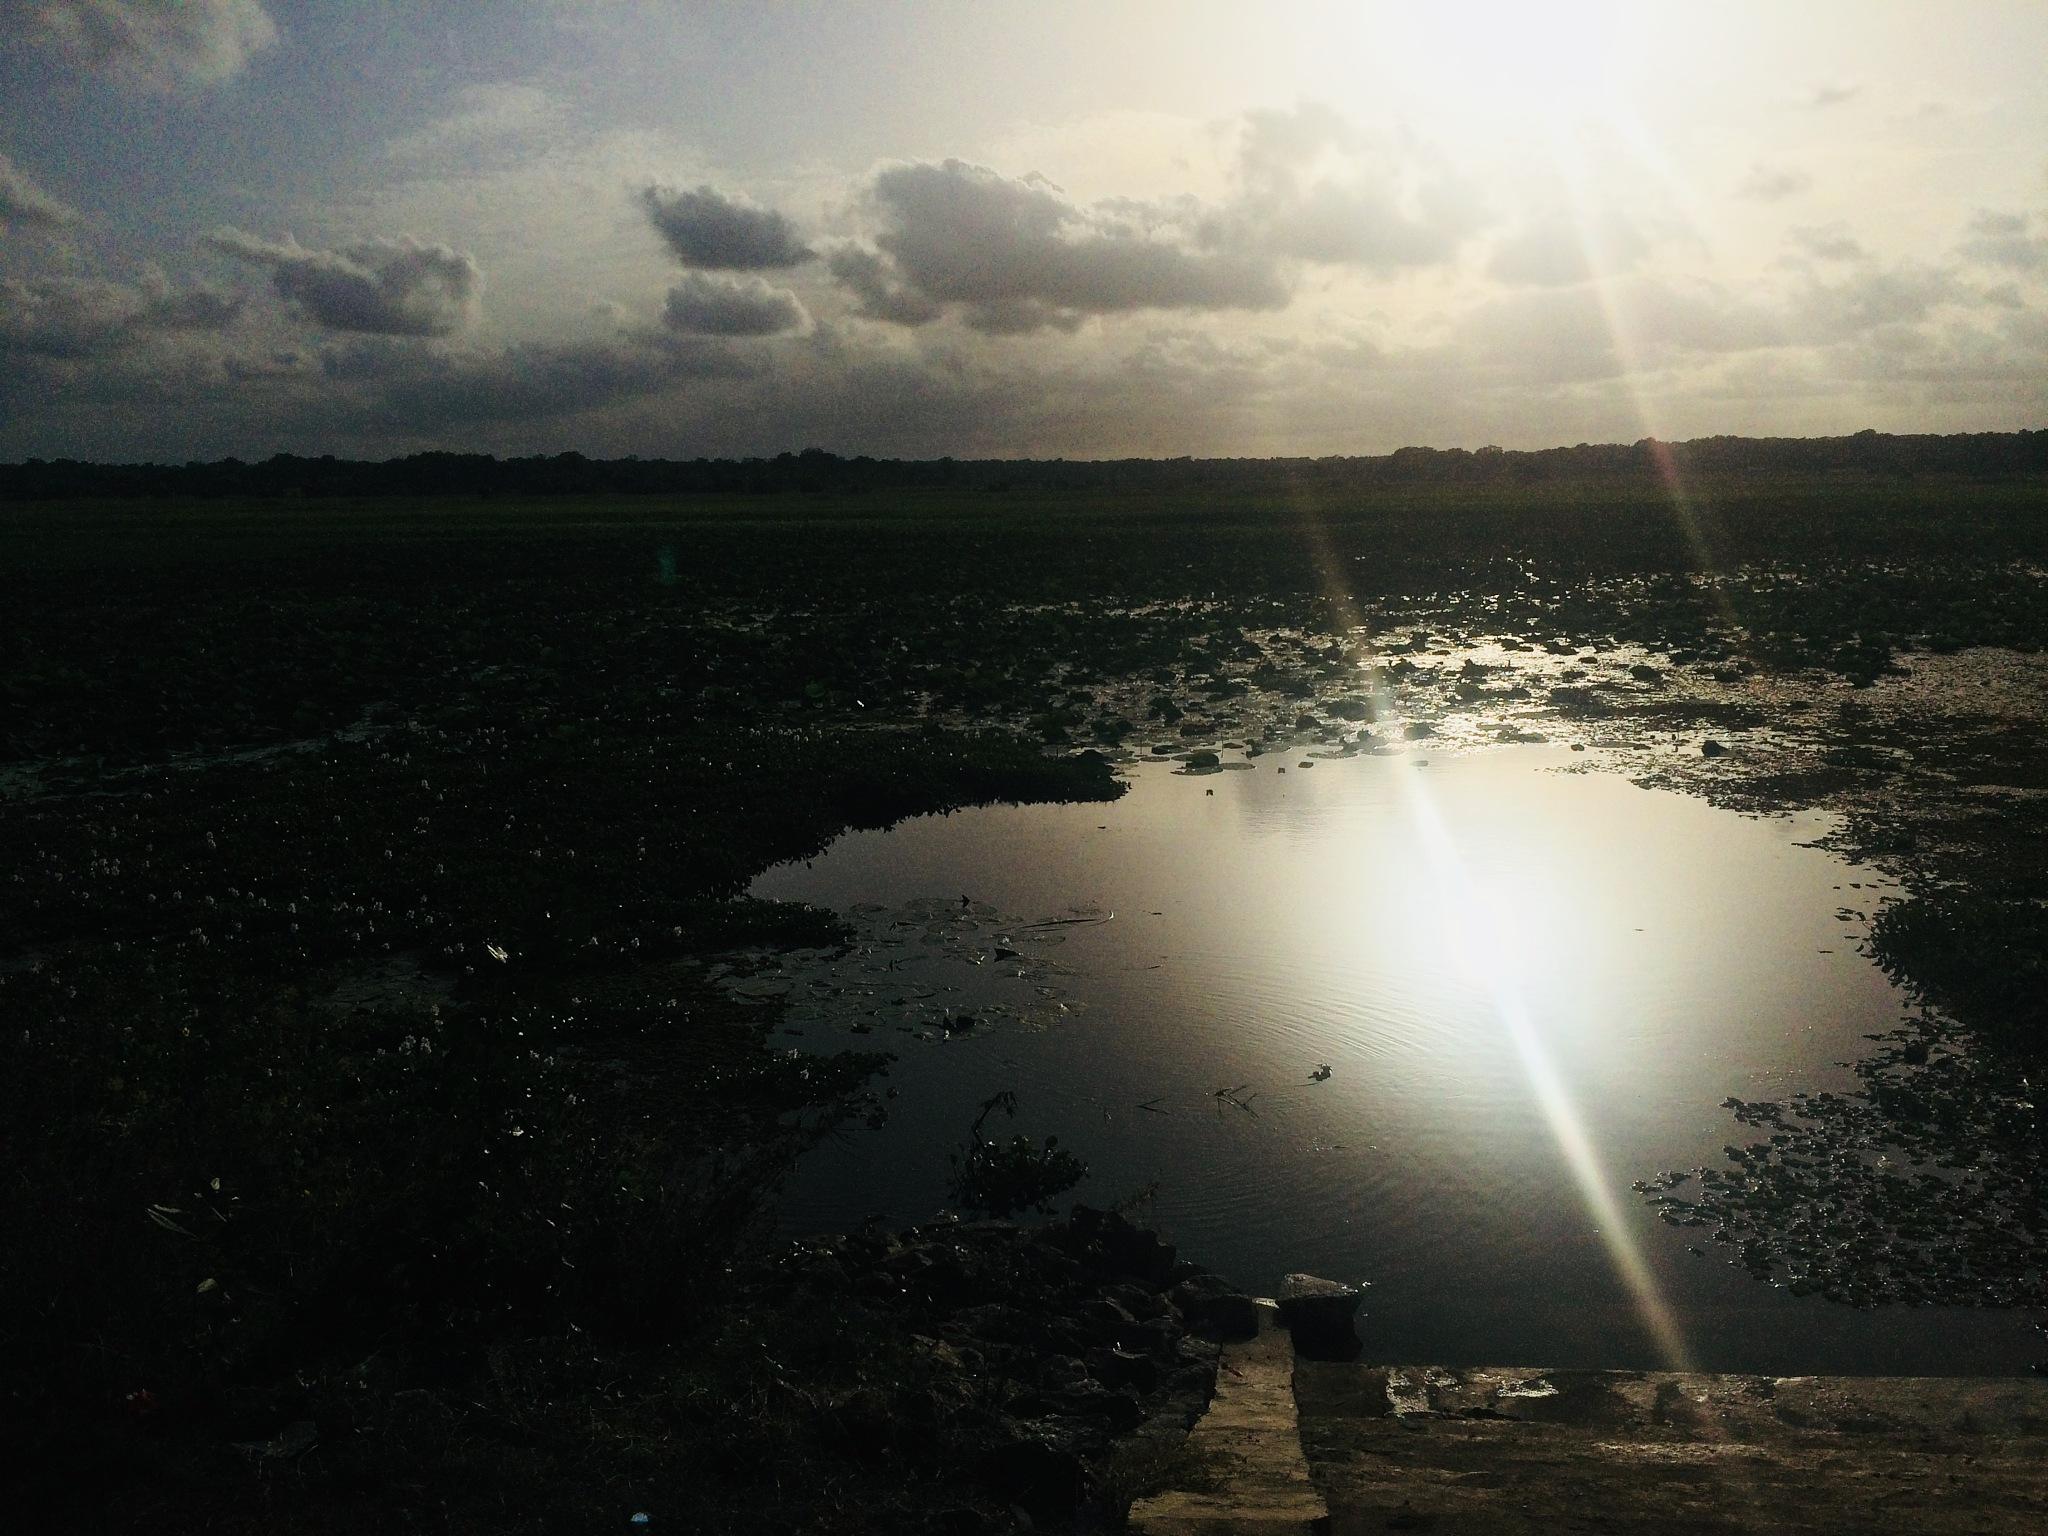 tissa wewa lake  by Ruzaik11